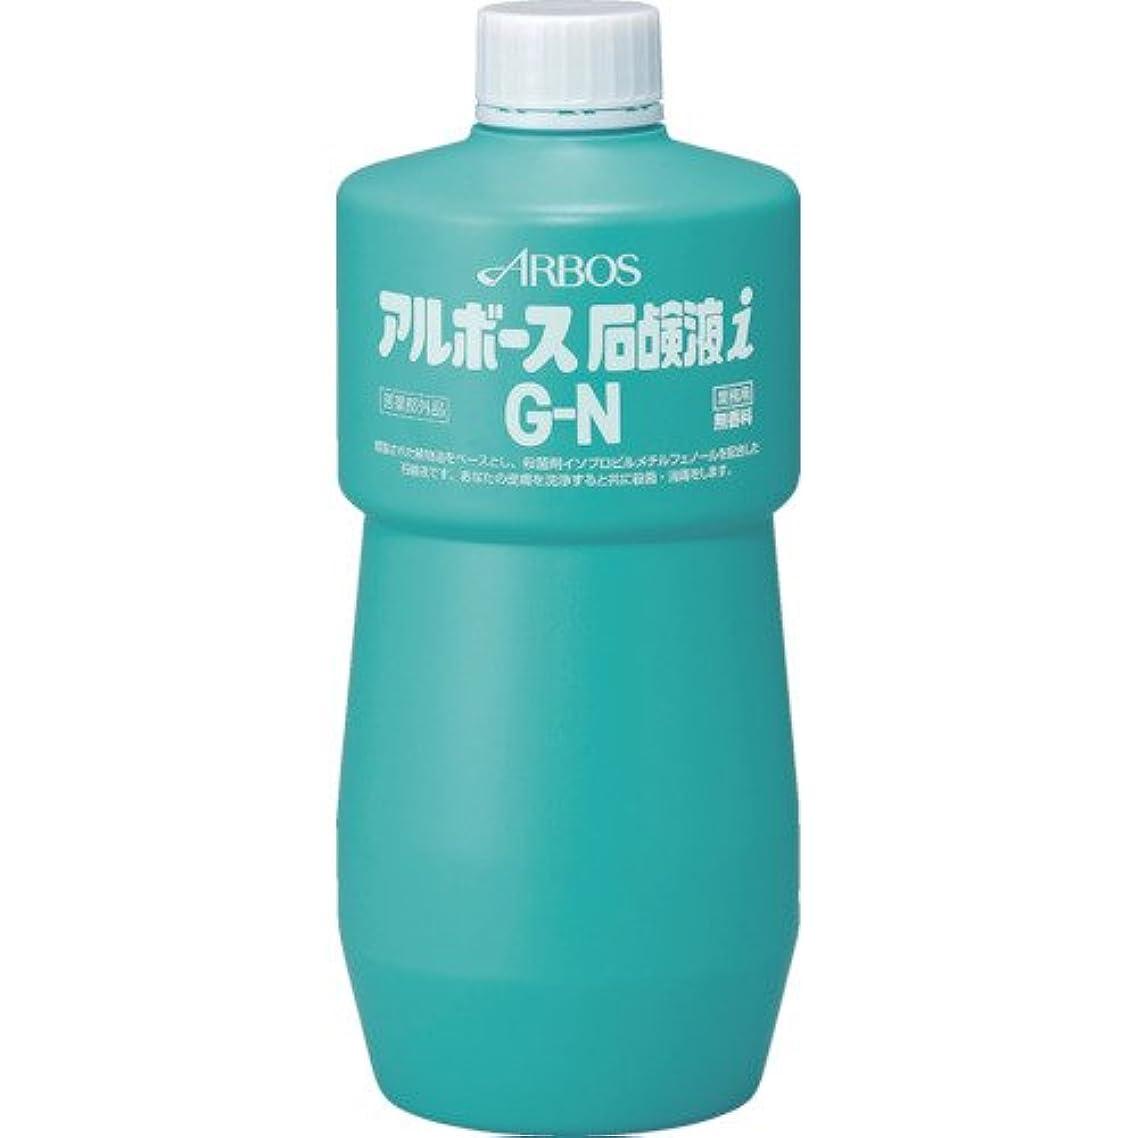 不忠証言するキルトアルボース石鹸液iGN 1G [医薬部外品]